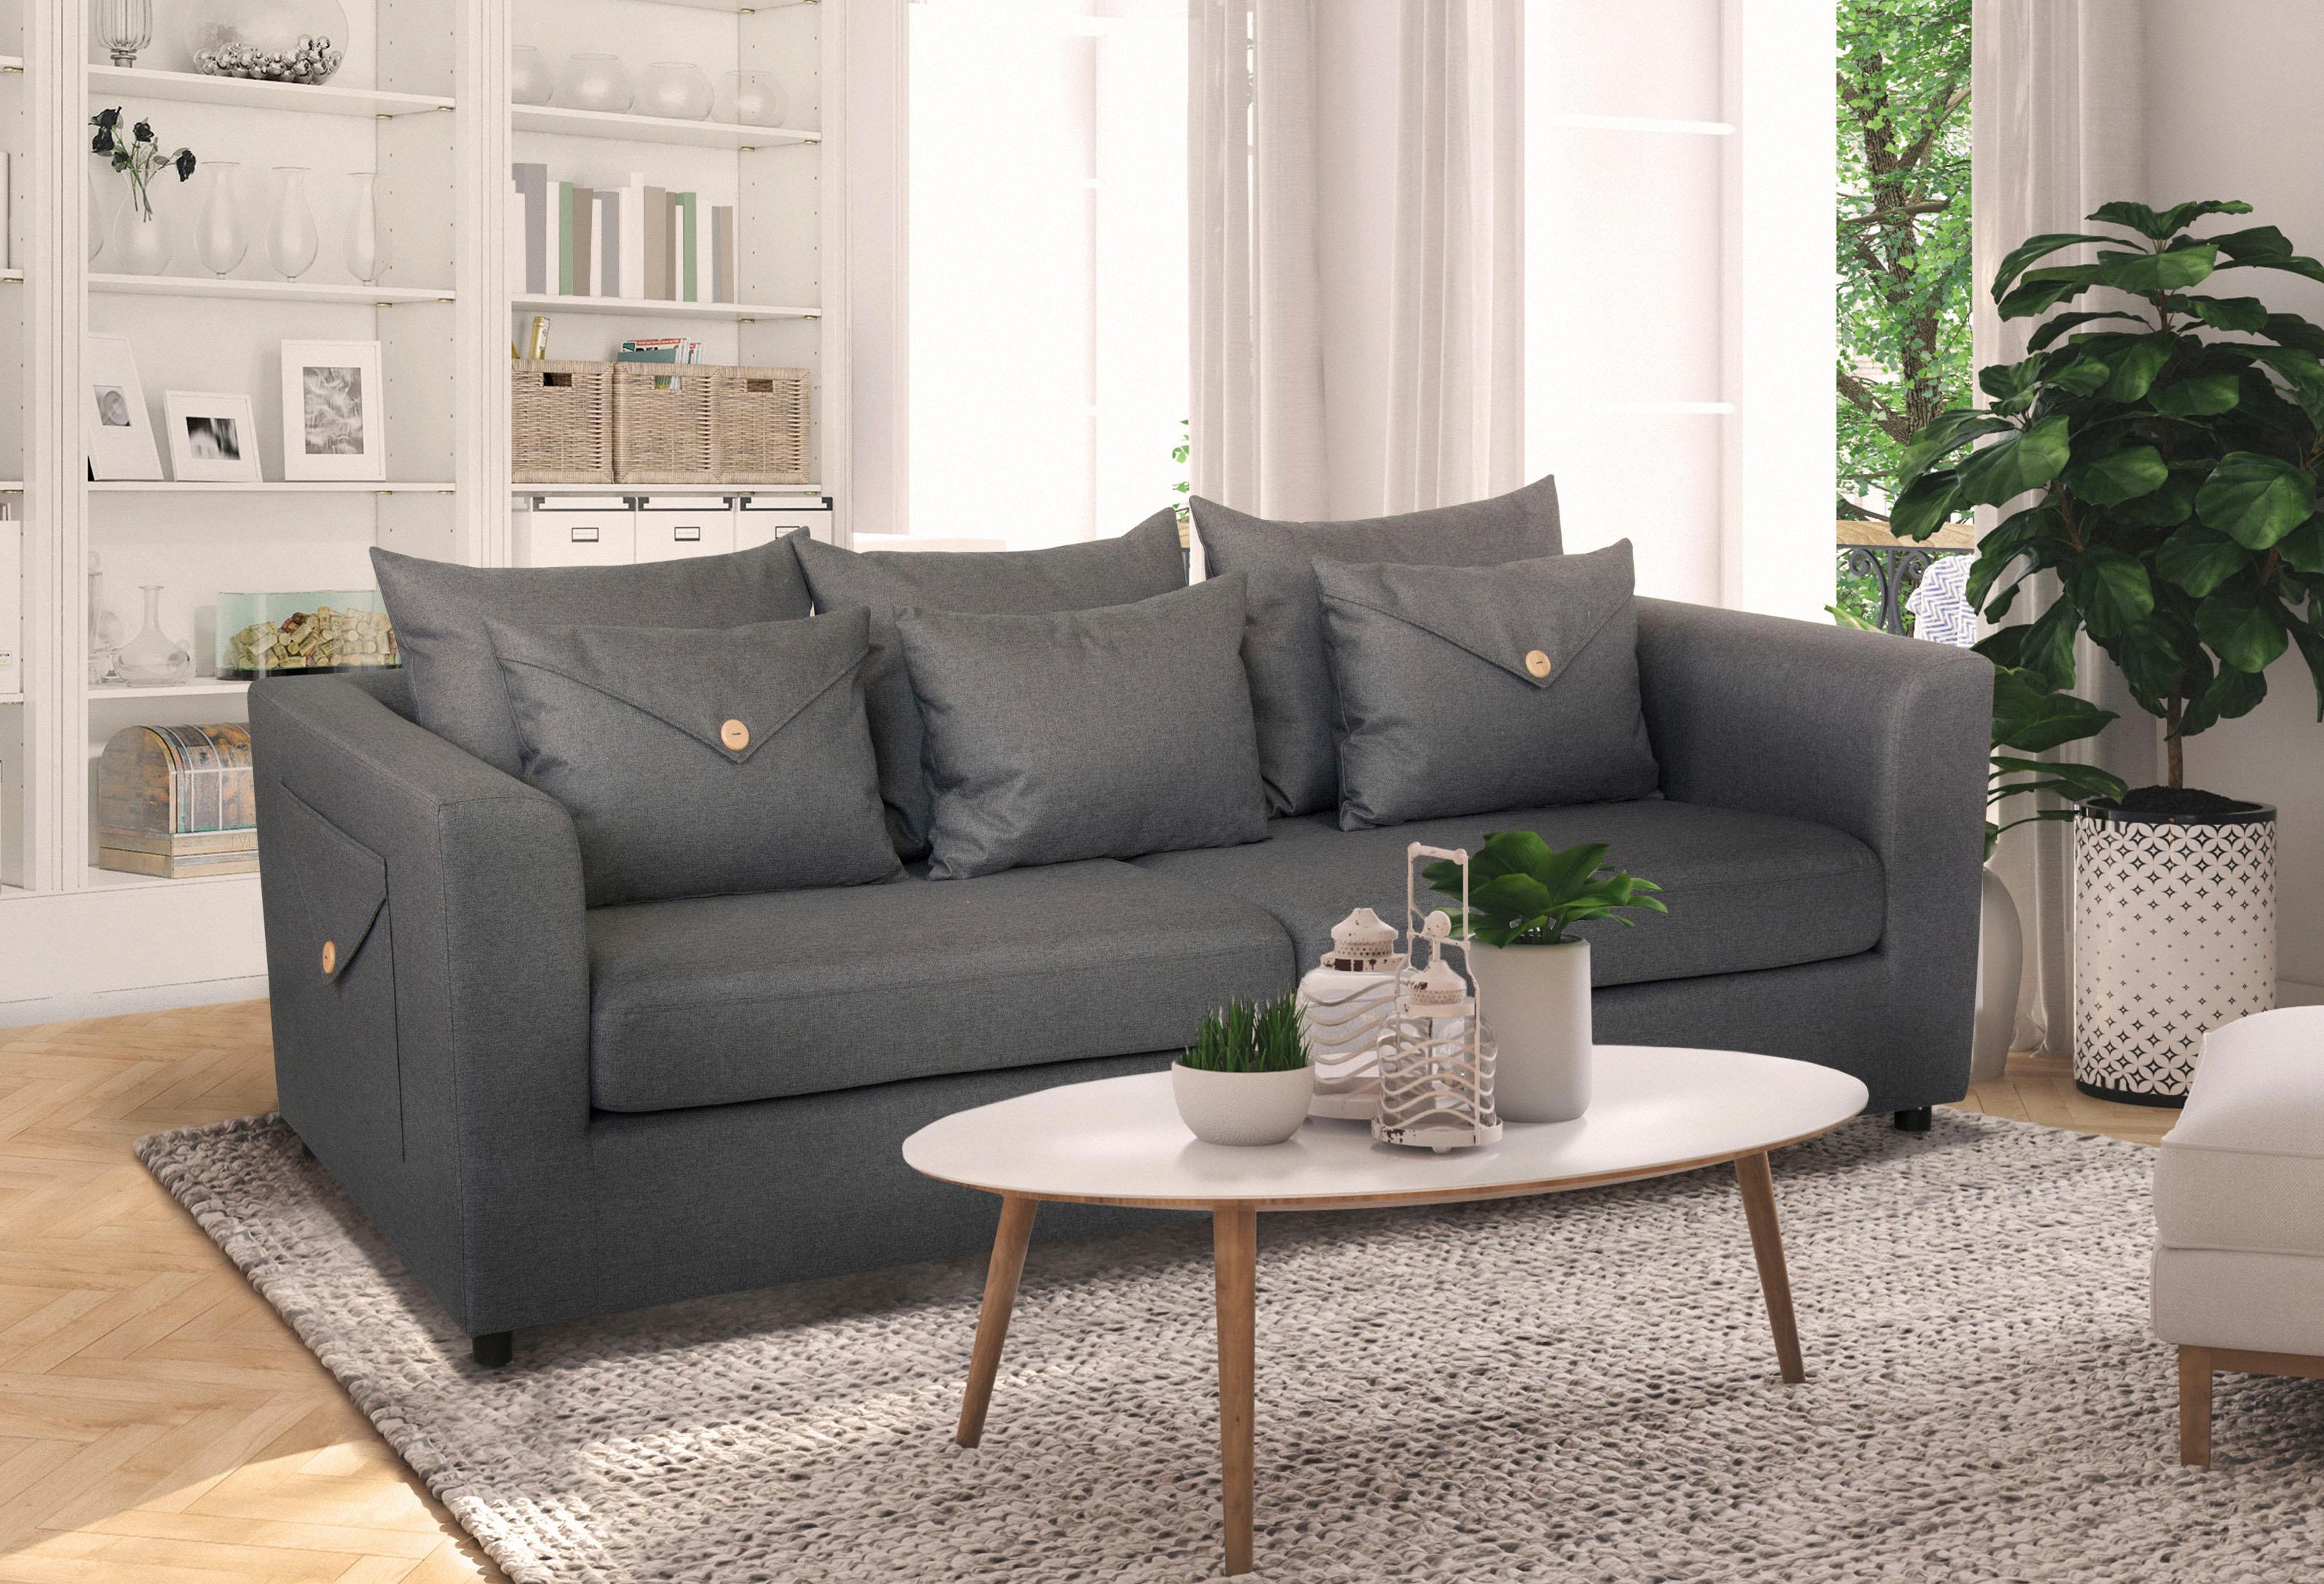 Home affaire Sofa Brighton mit besonderem Stil durch Knopfdesign an Kissen und Armlehne